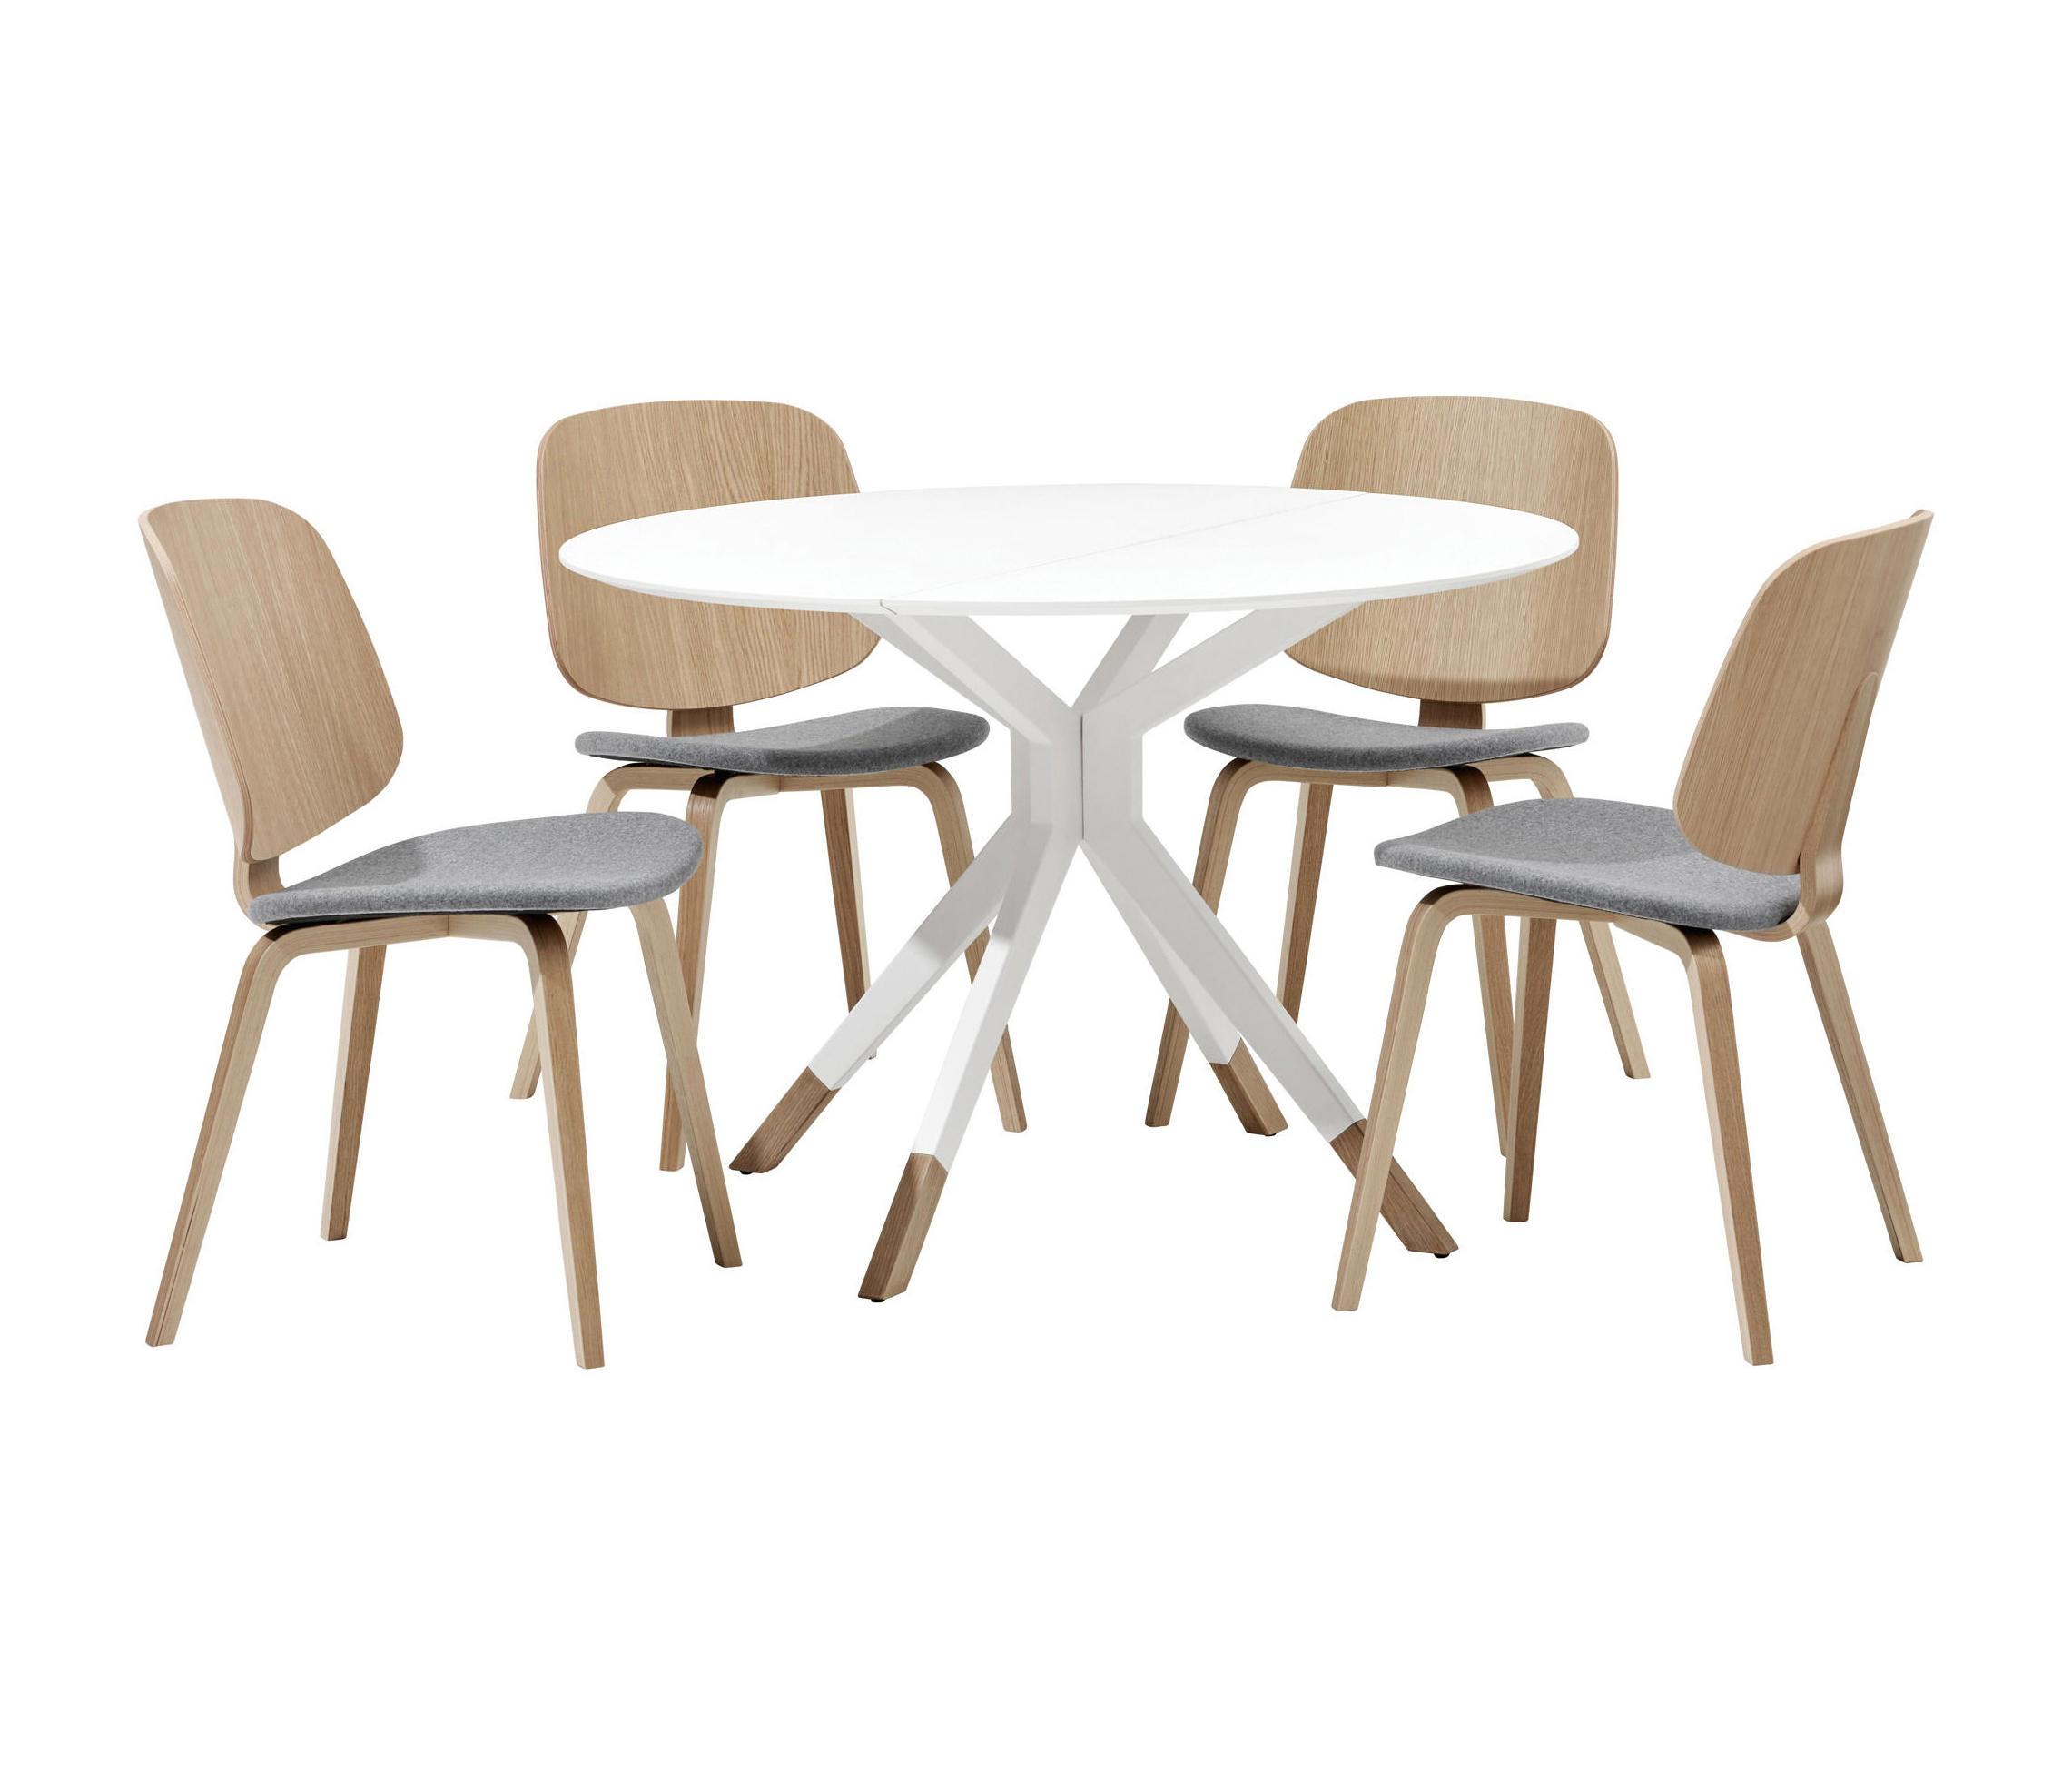 Aarhus Stuhl 0058 & Designermöbel   Architonic